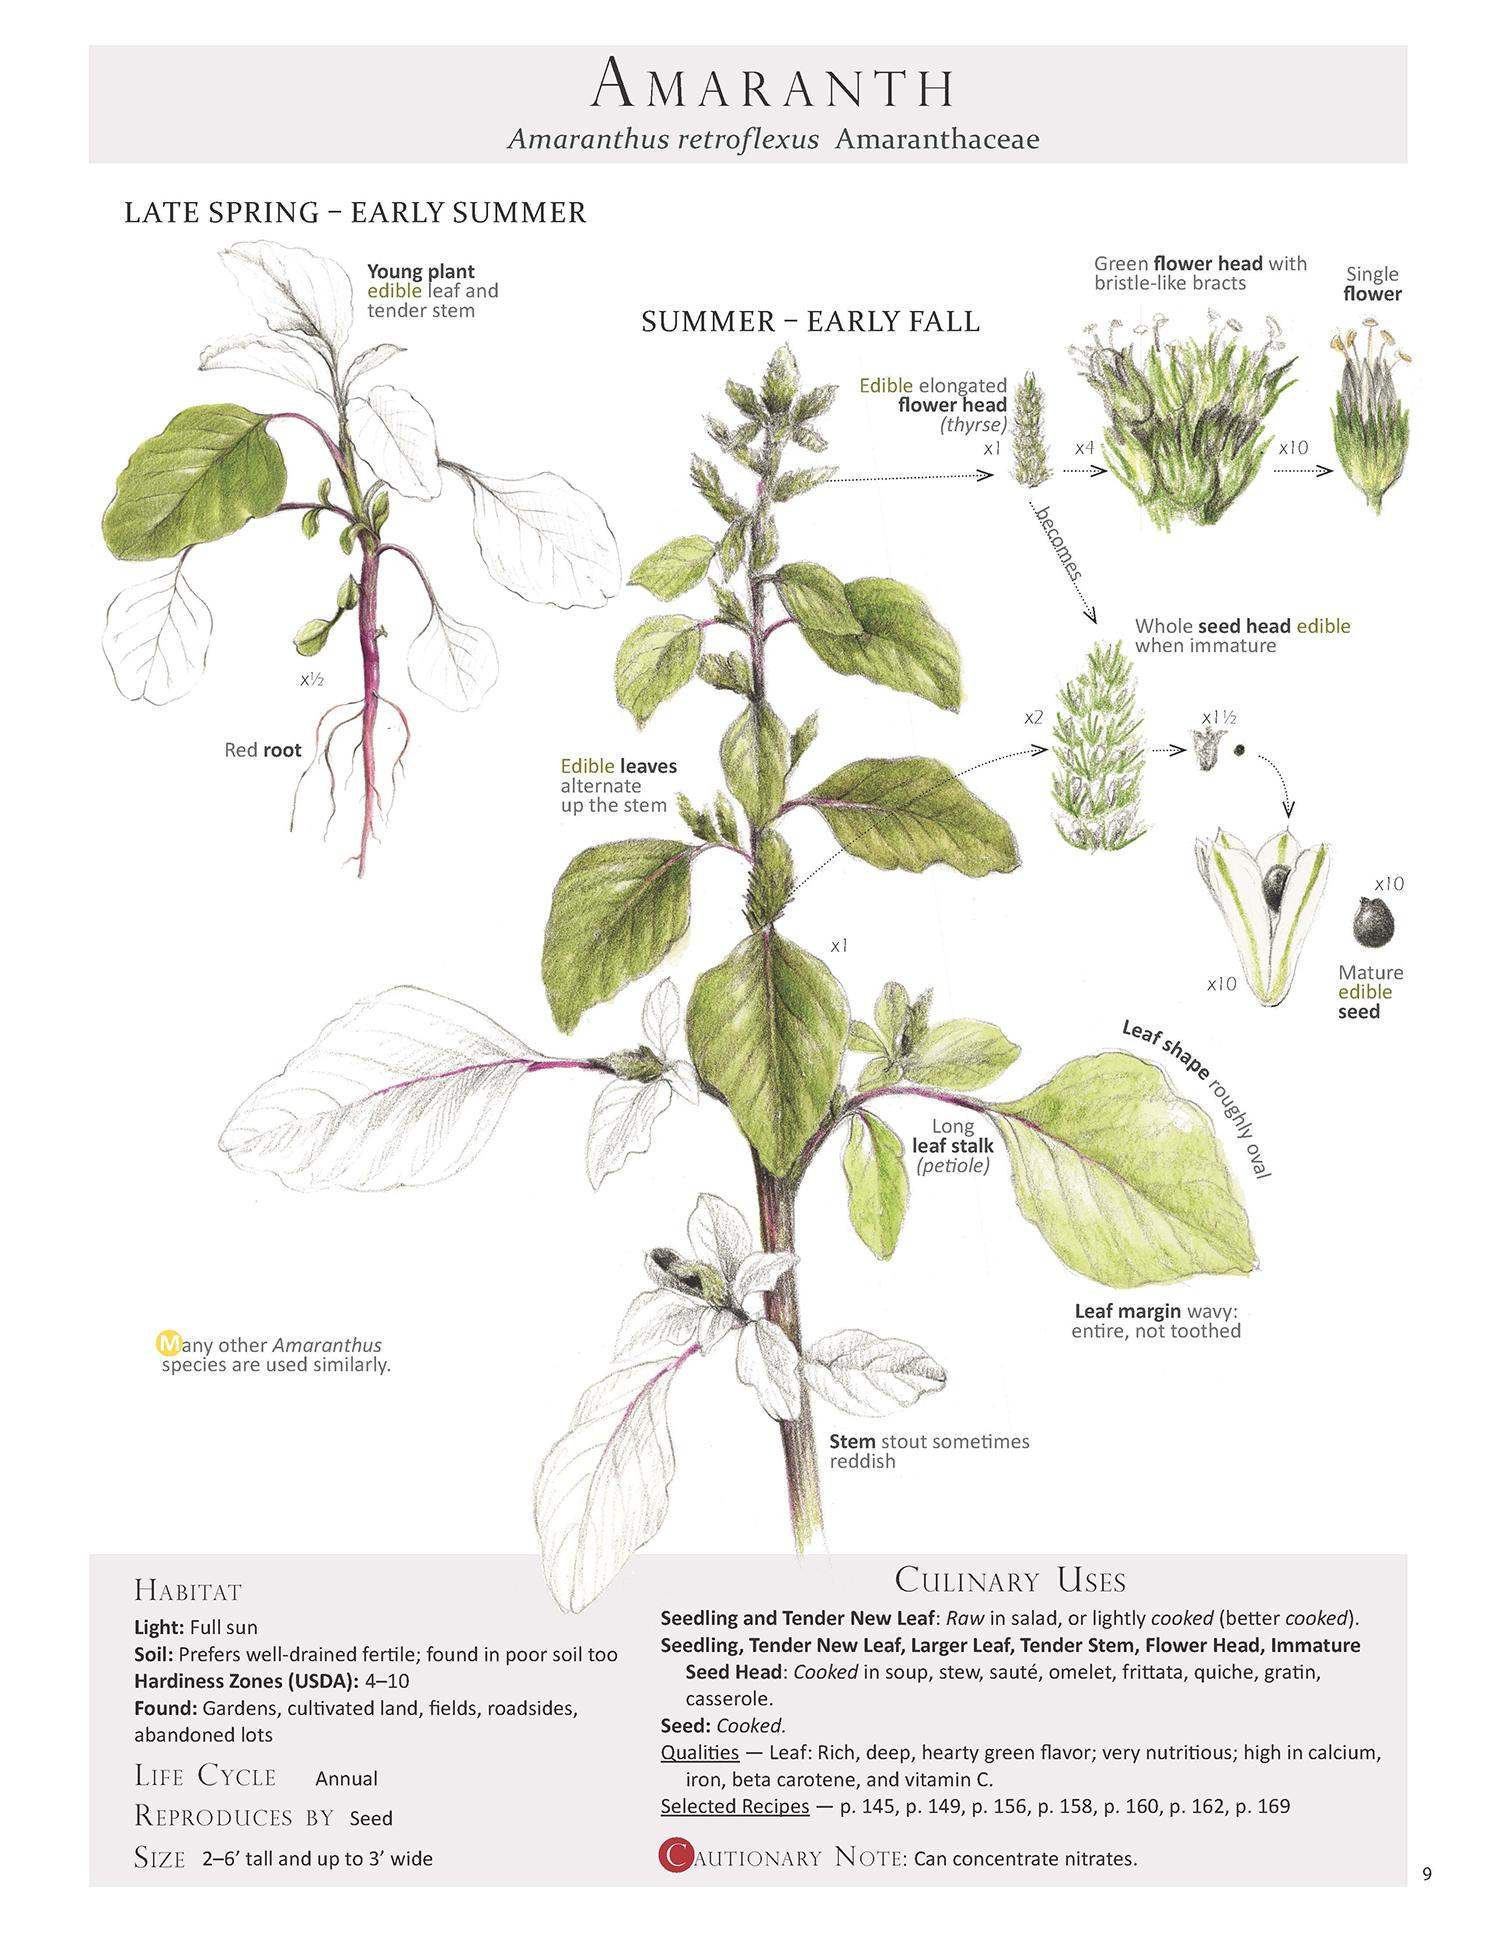 Amaranth - Amaranthus retroflexus